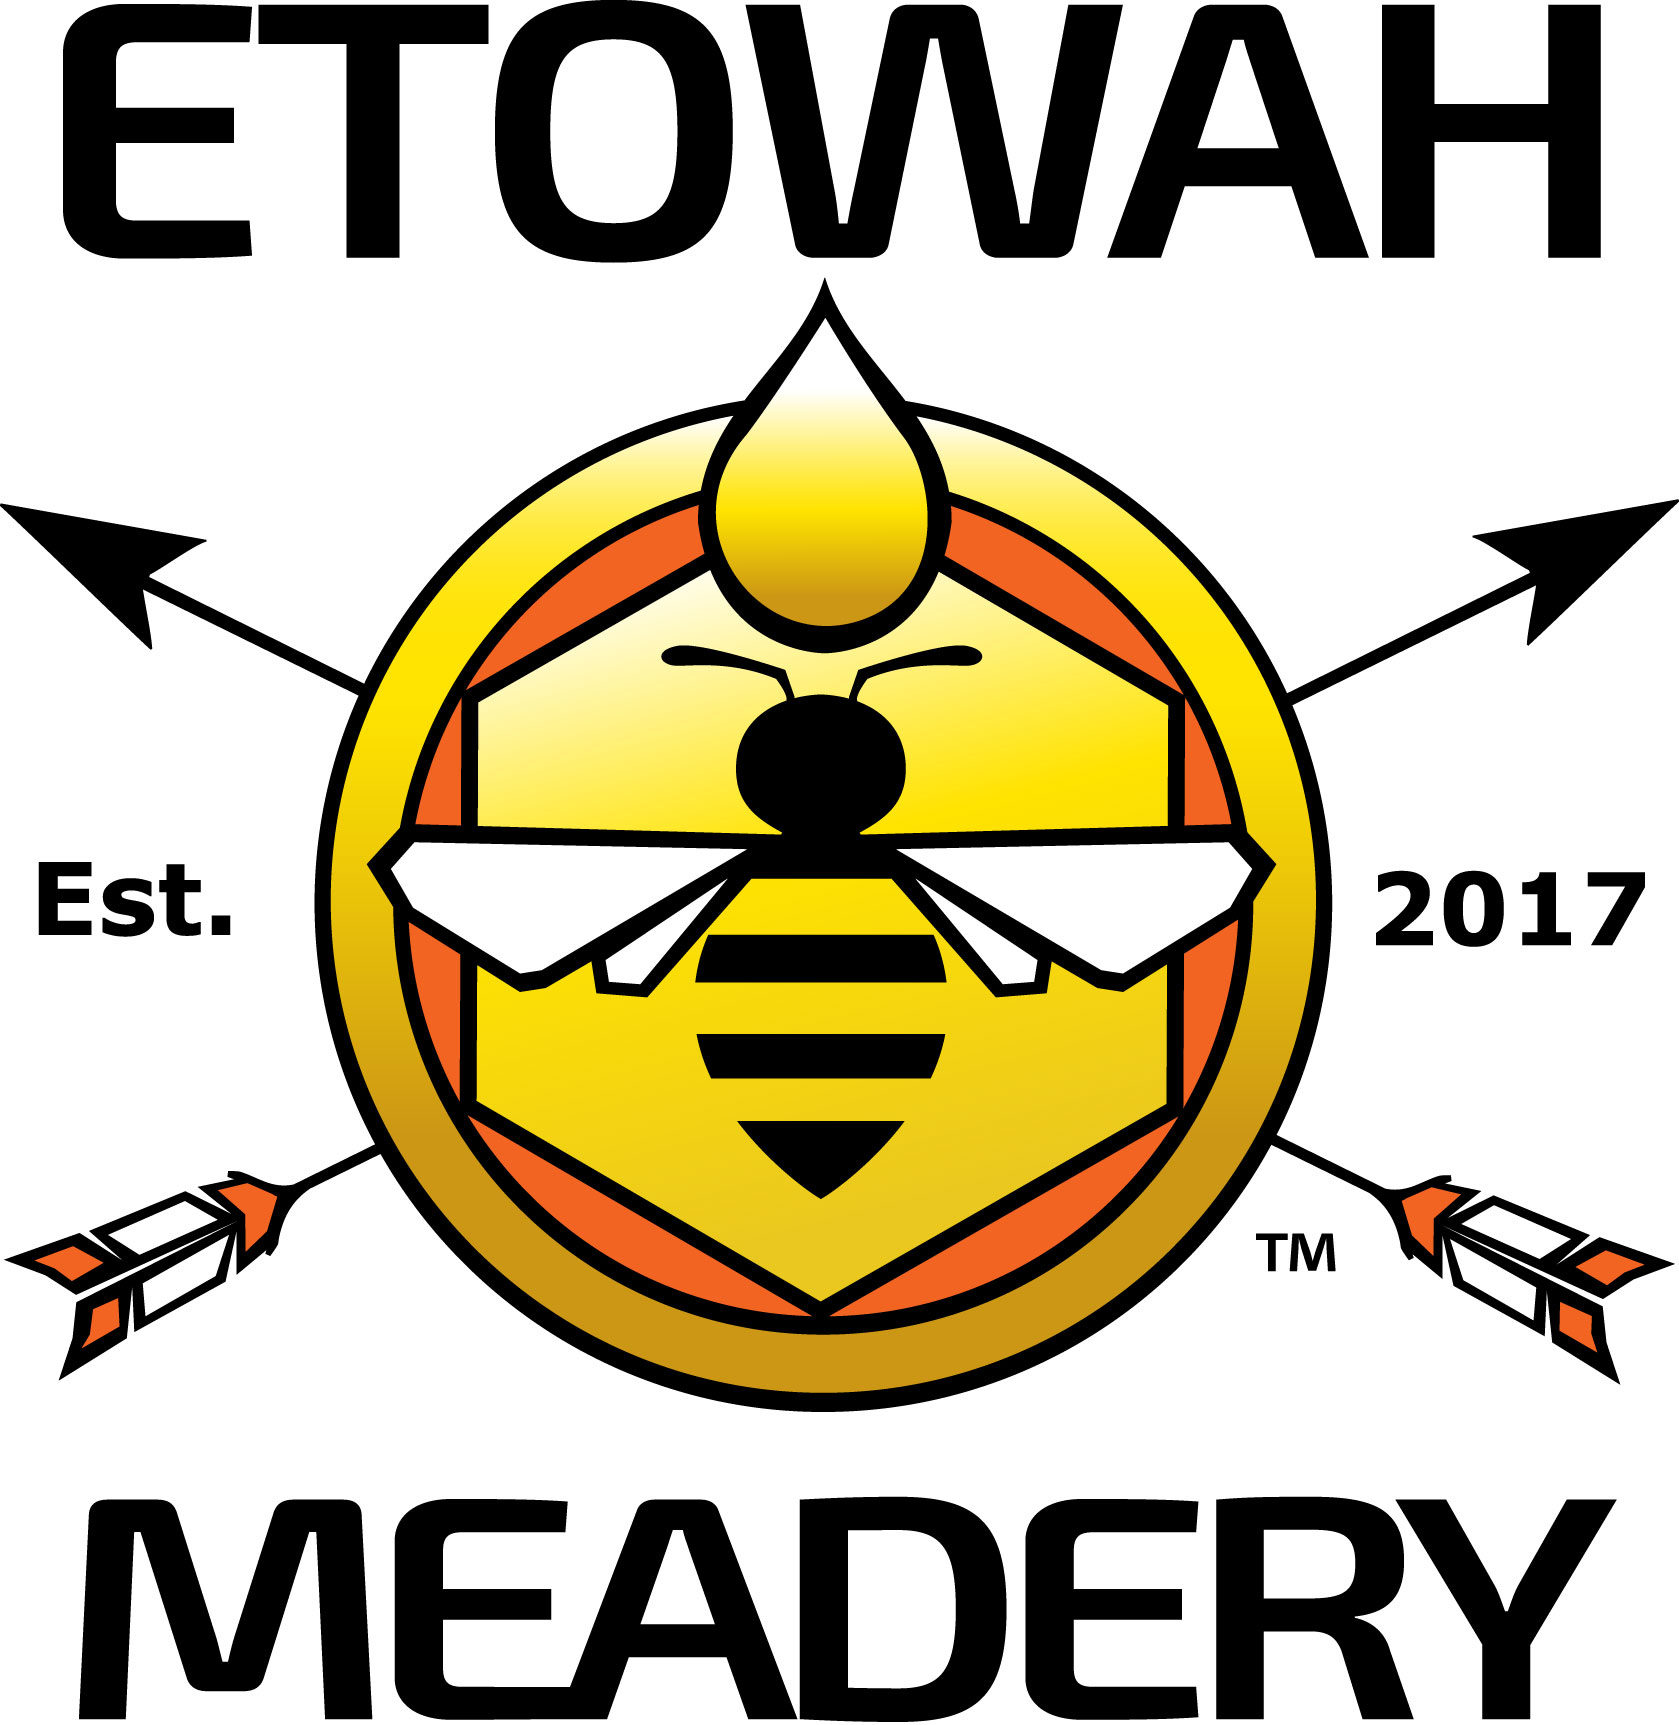 etowah logo.jpg